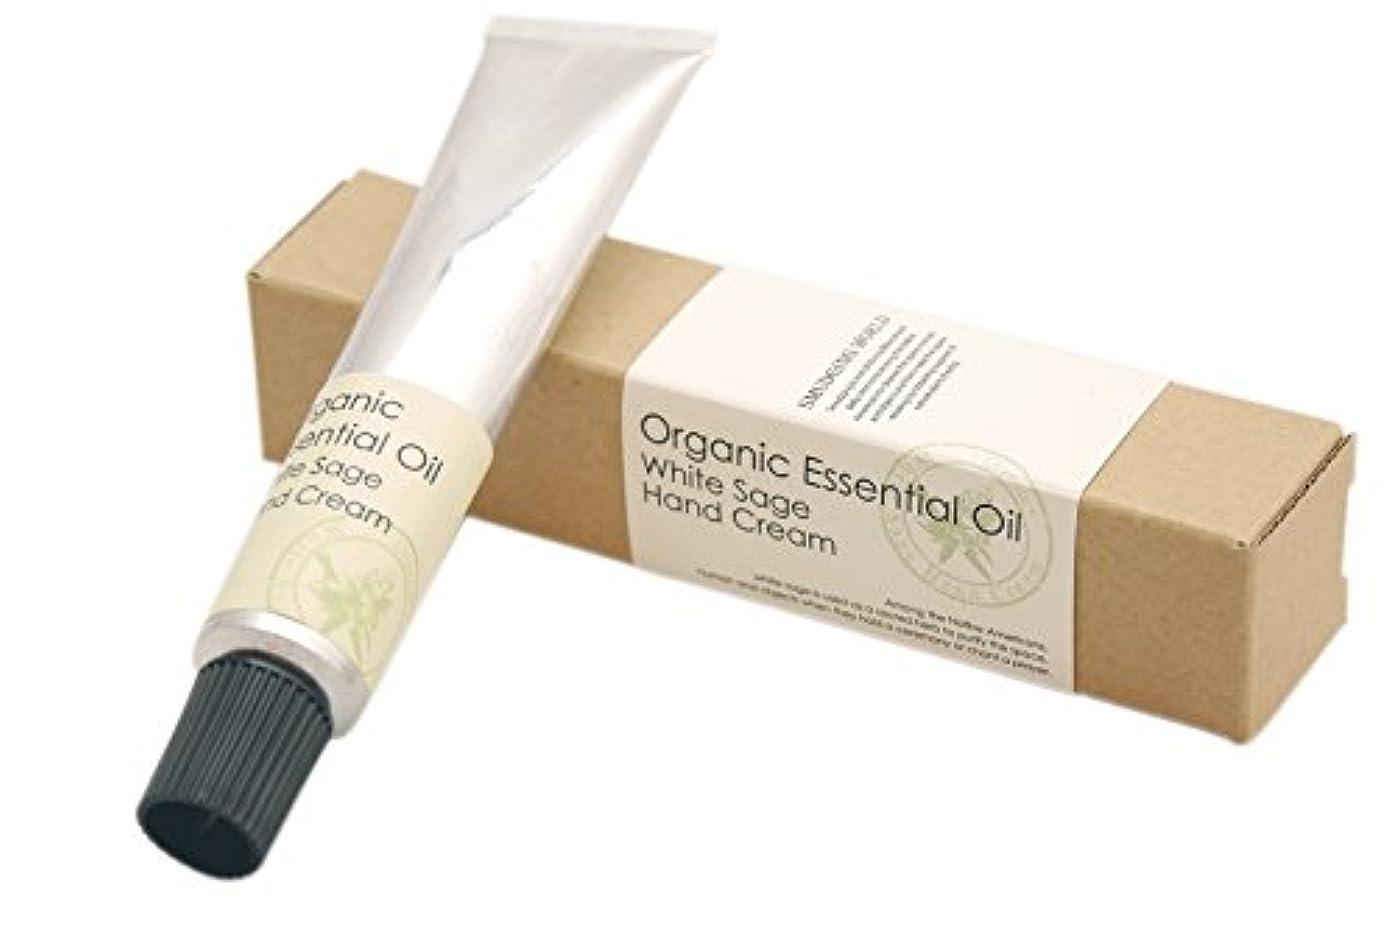 ゼリー吹きさらし口述アロマレコルト ハンドクリーム ホワイトセージ 【White Sage】 オーガニック エッセンシャルオイル organic essential oil hand cream arome recolte